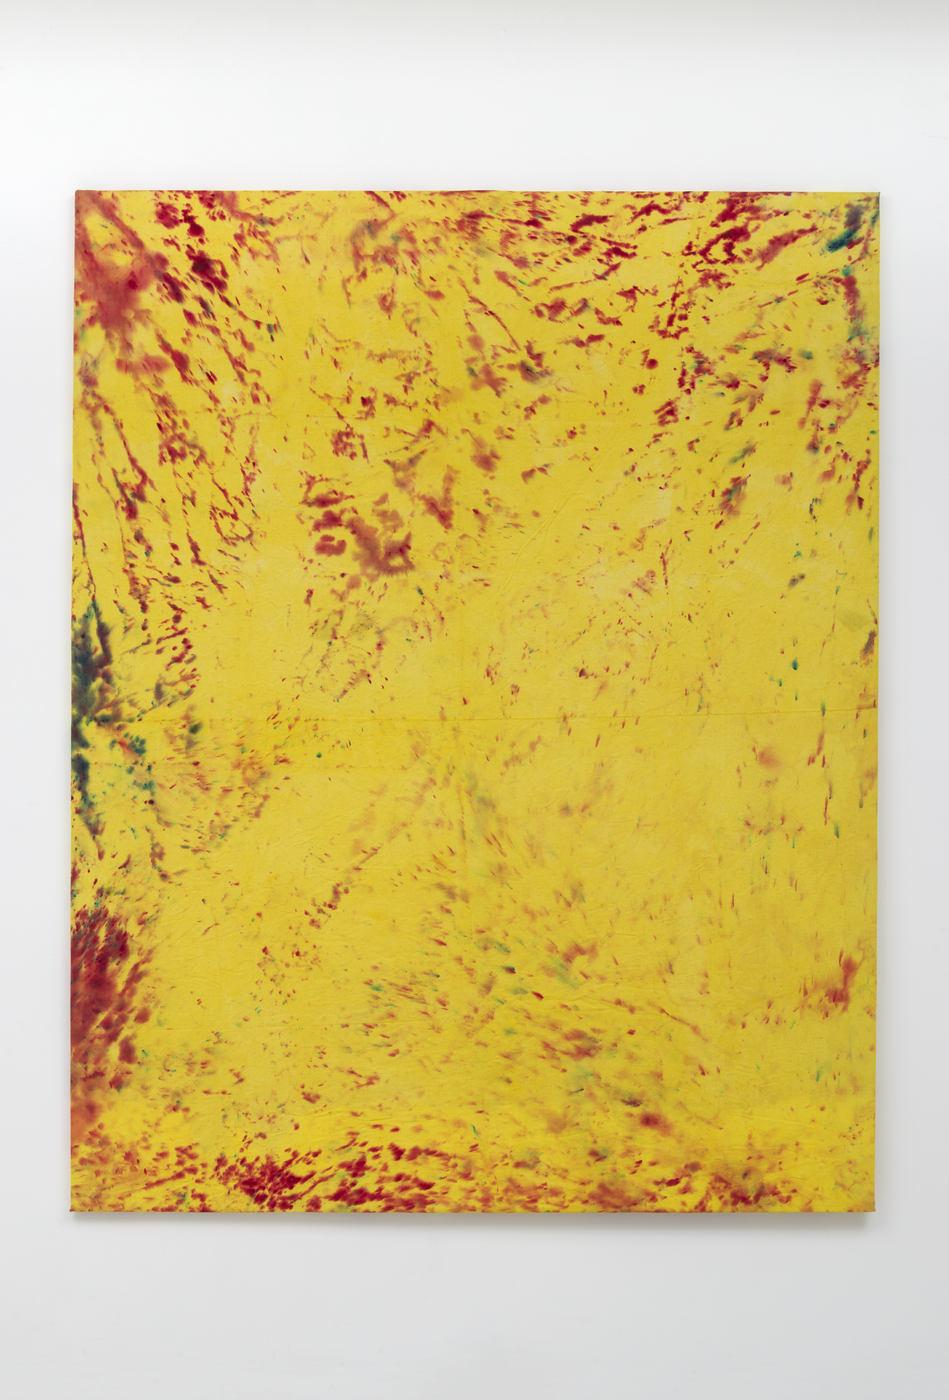 Nick Jeffrey - Color of Fire III